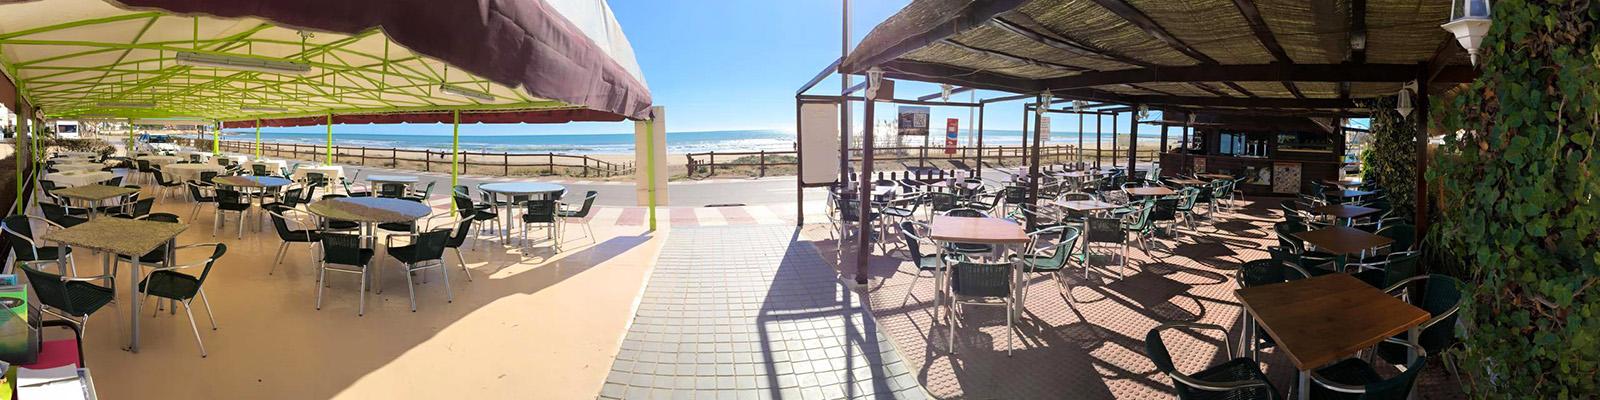 restaurante-el-arenal-alcossebre